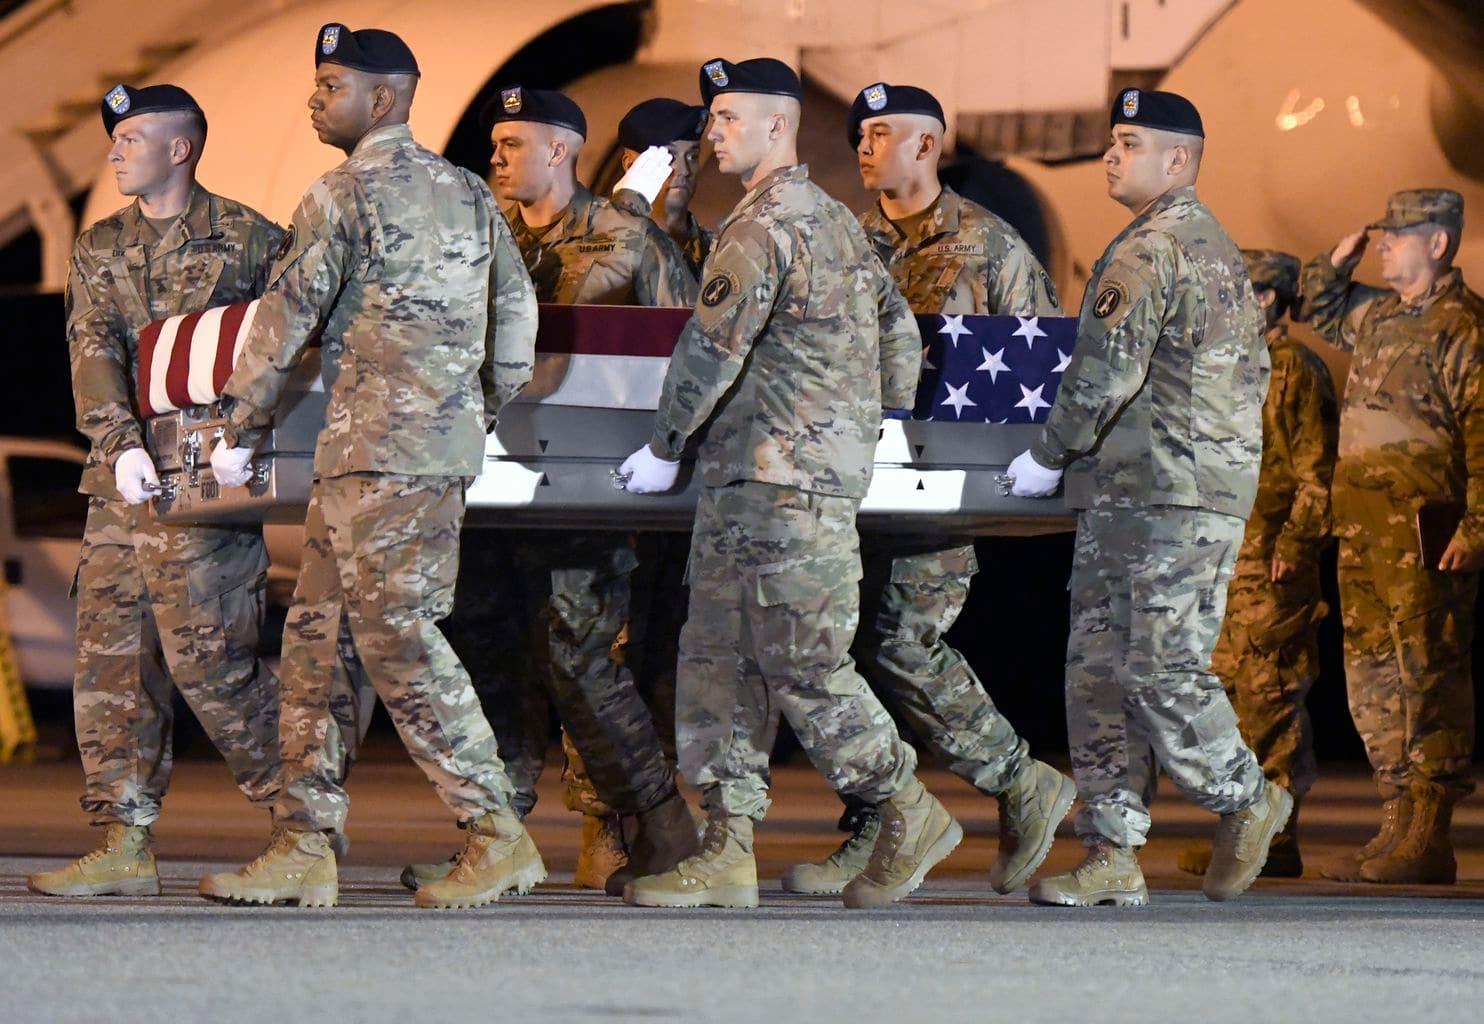 الانسحاب الأميركي من أفغانستان يحوّلها ملعباً لنفوذ قوى متعددة